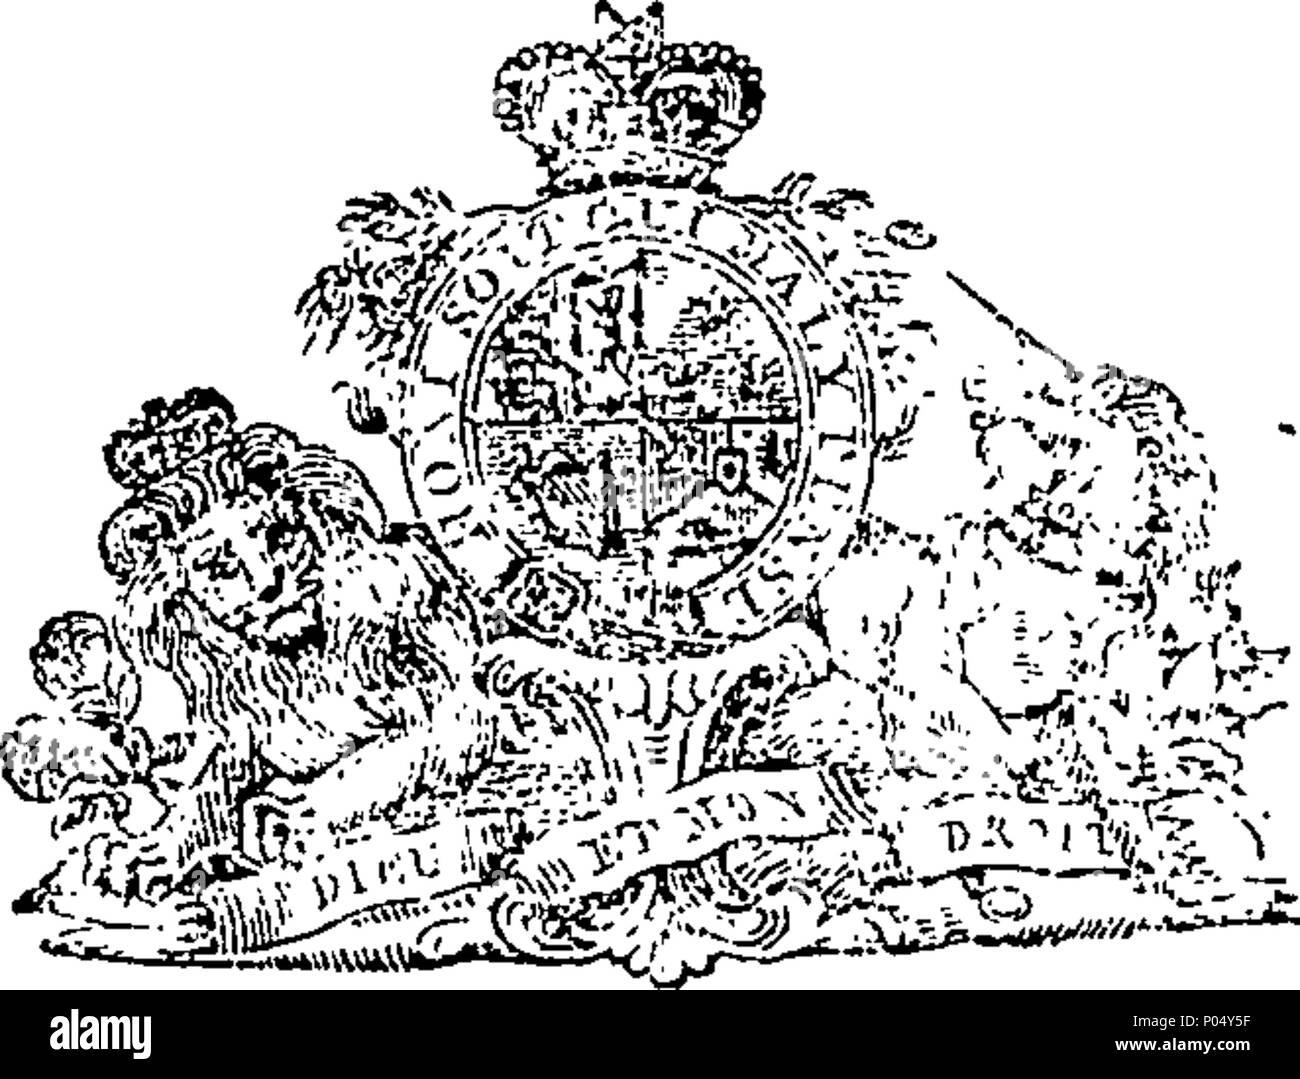 Inglese Fleuron Dal Libro Una Copia Della Carta Della